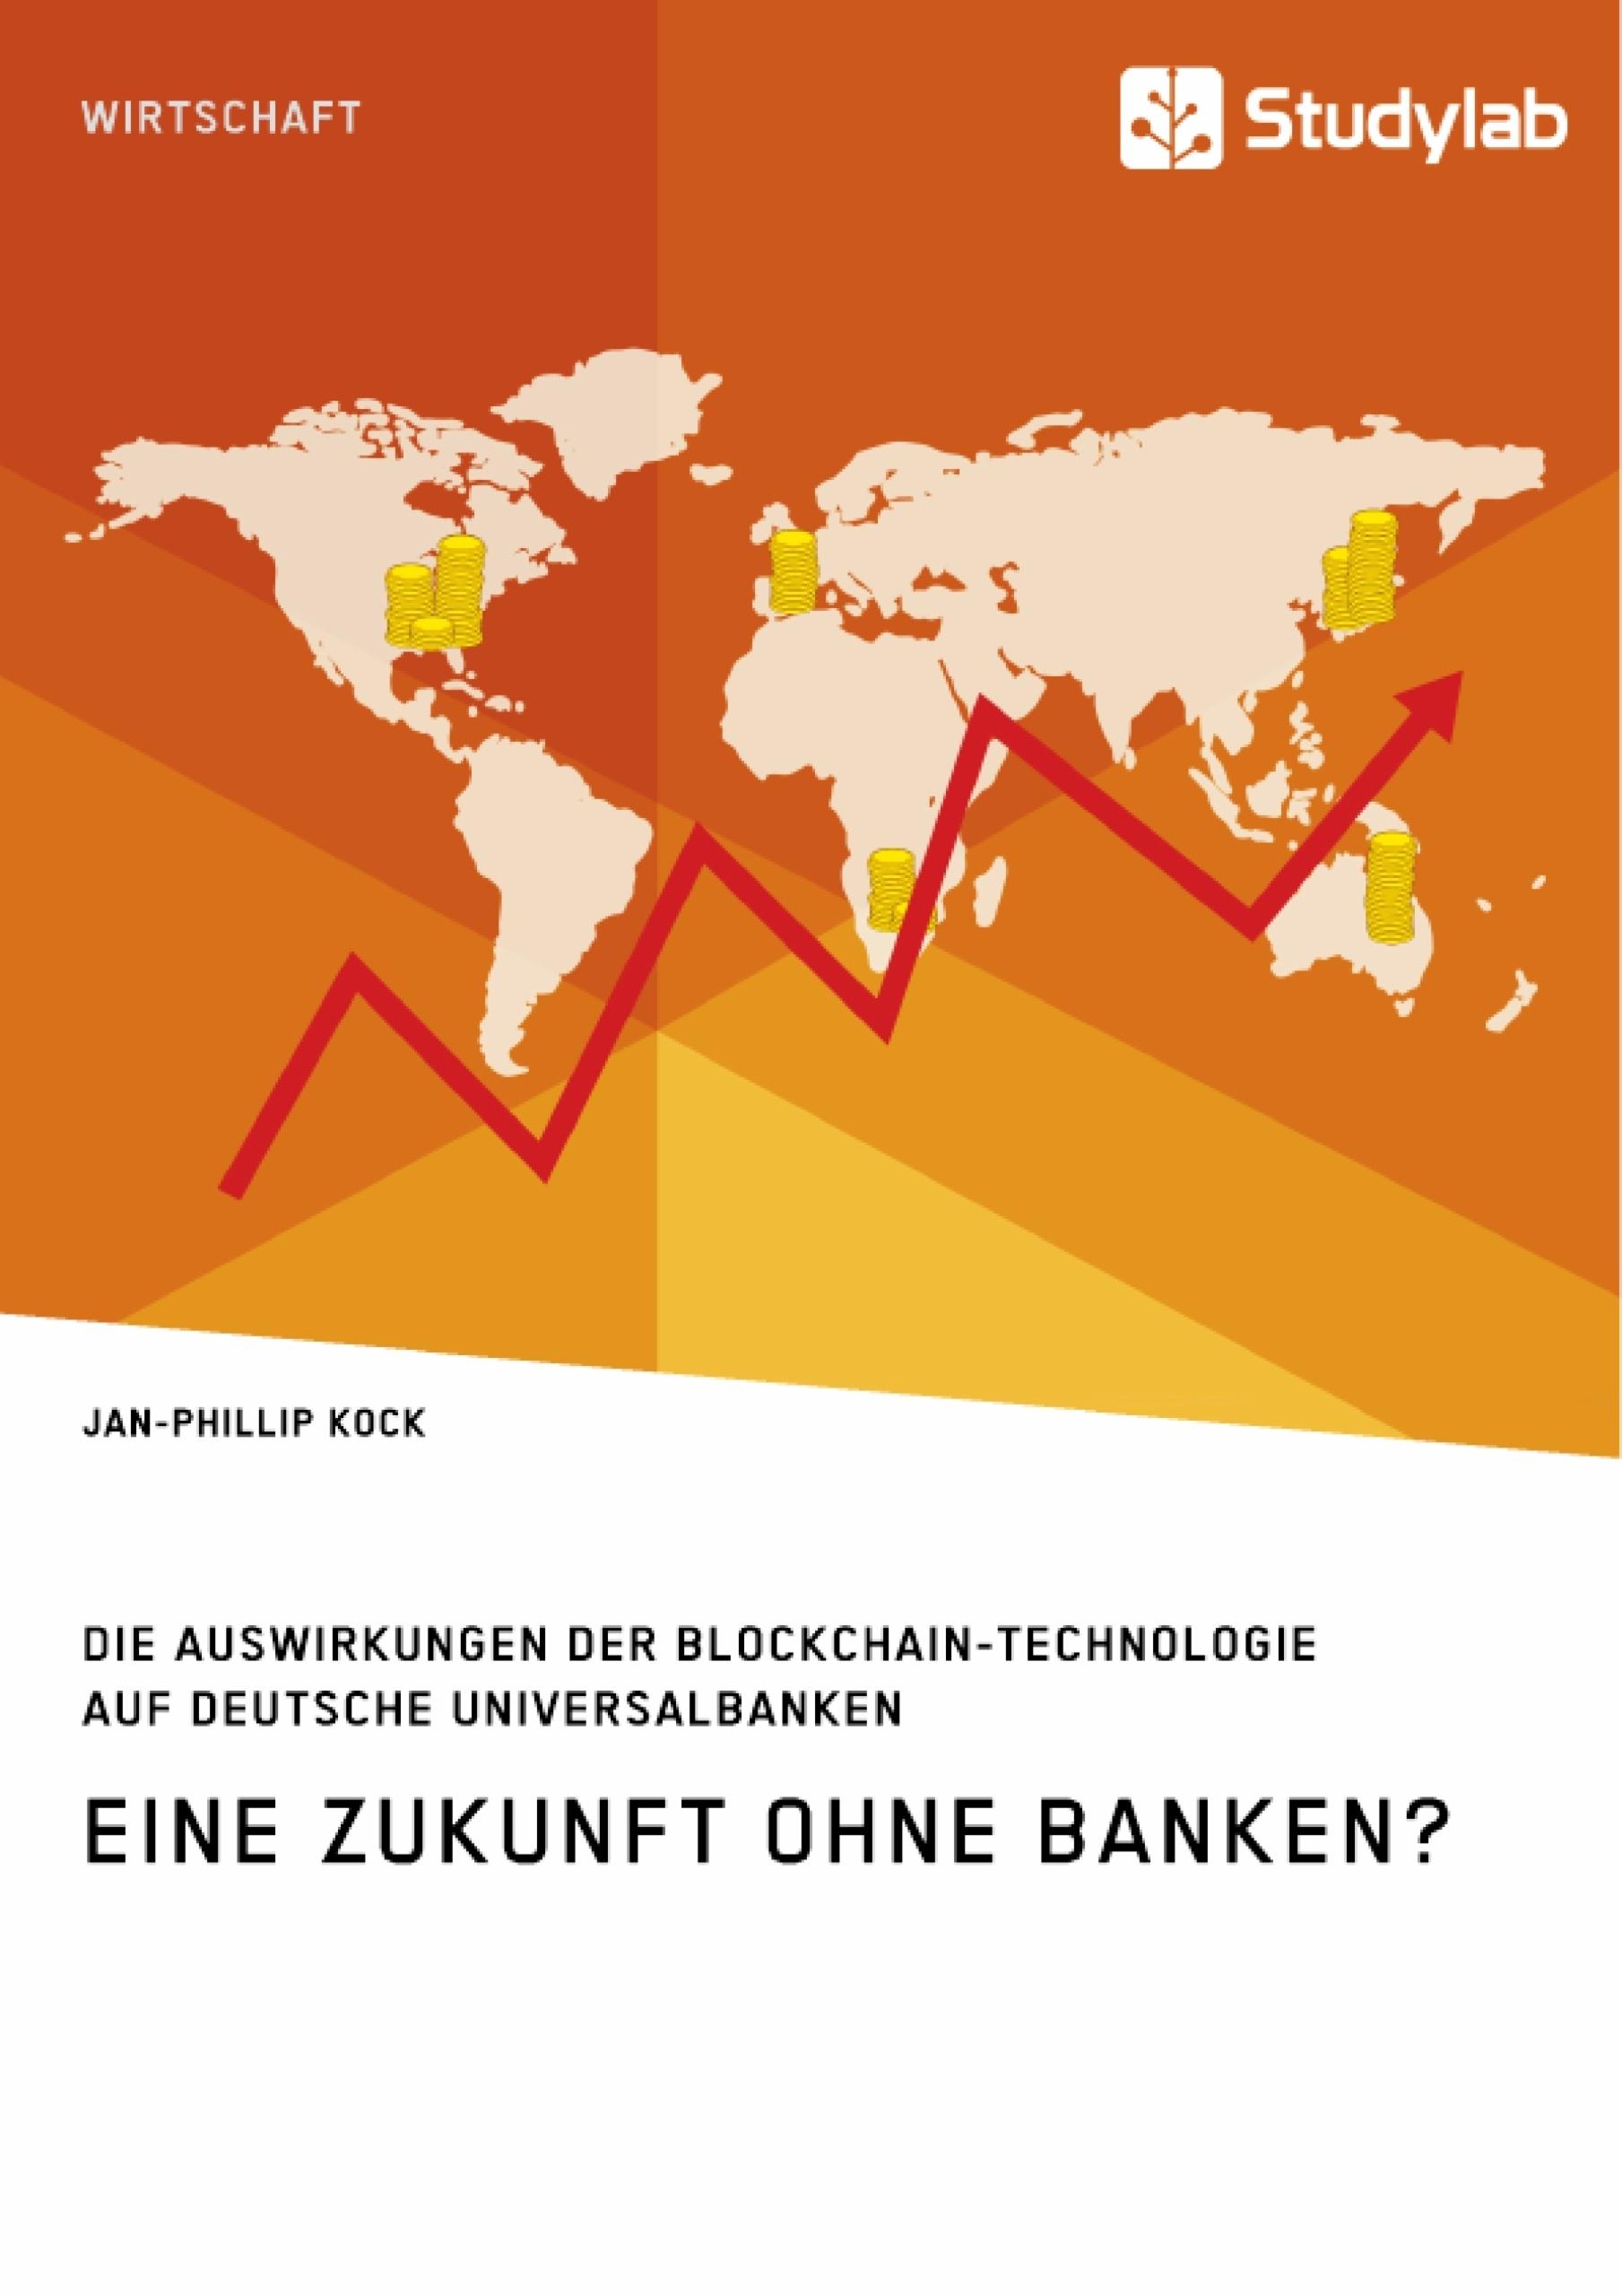 Titel: Eine Zukunft ohne Banken? Die Auswirkungen der Blockchain-Technologie auf deutsche Universalbanken